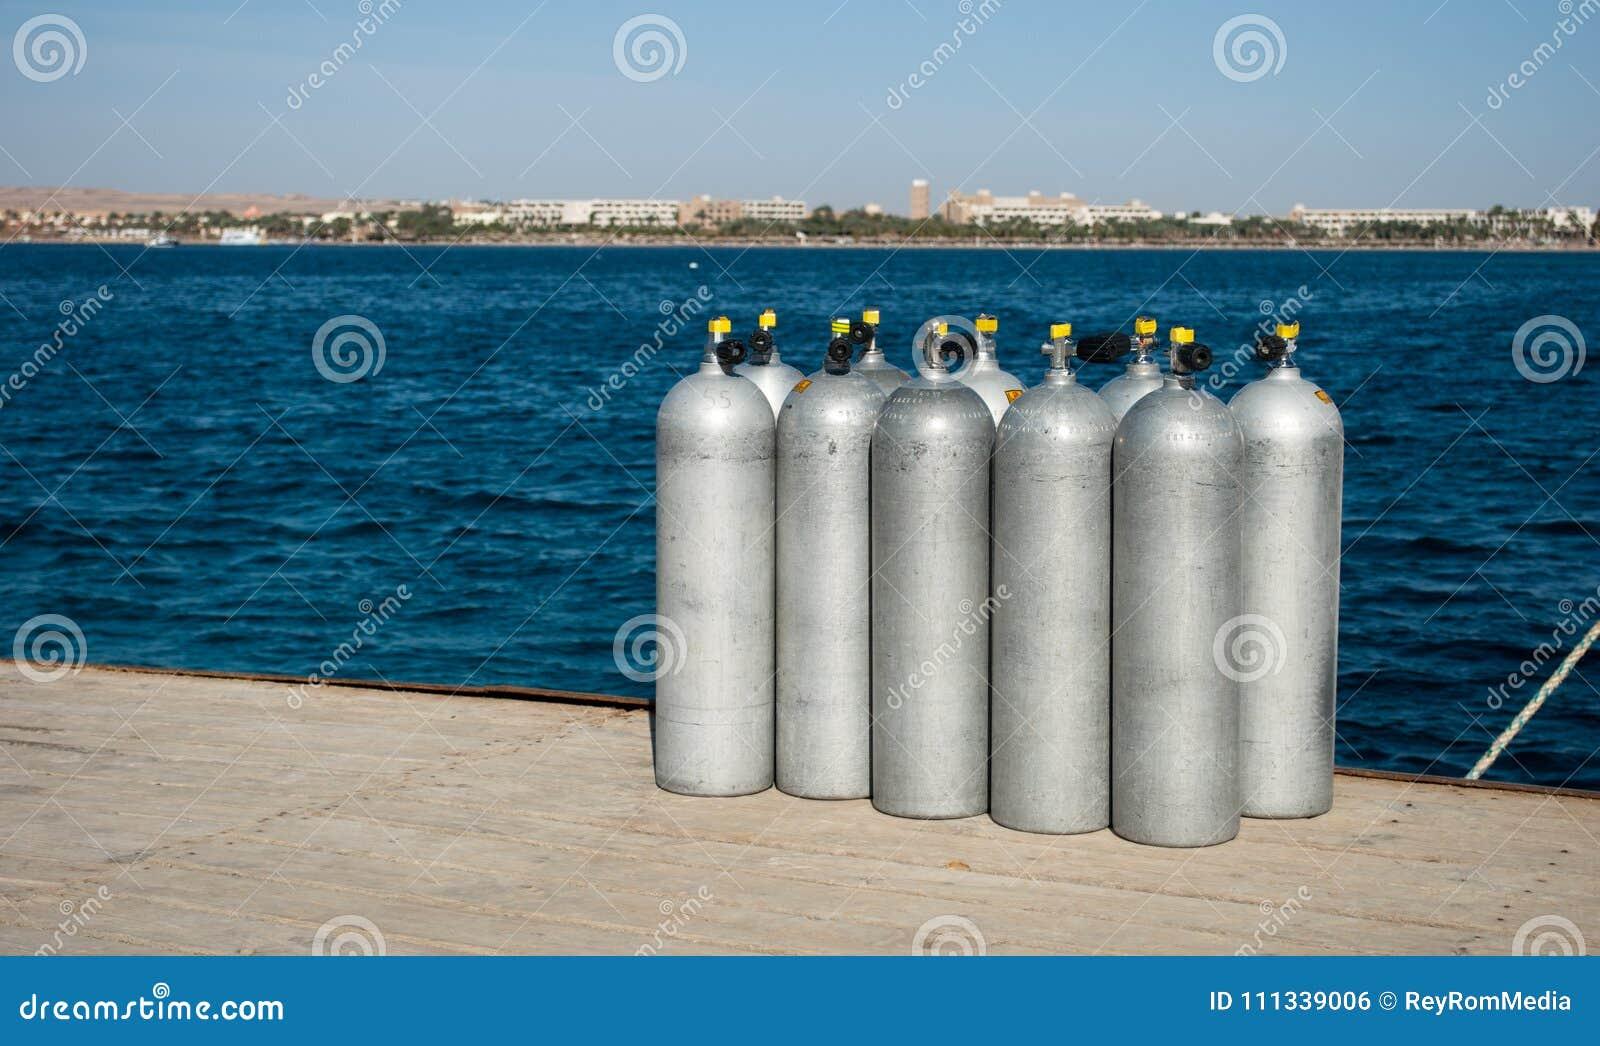 Zylinder mit Helium auf Dock zehn weiße Zylinder für Taucher auf Seedock Sauerstoffflaschen für Taucher auf Pier